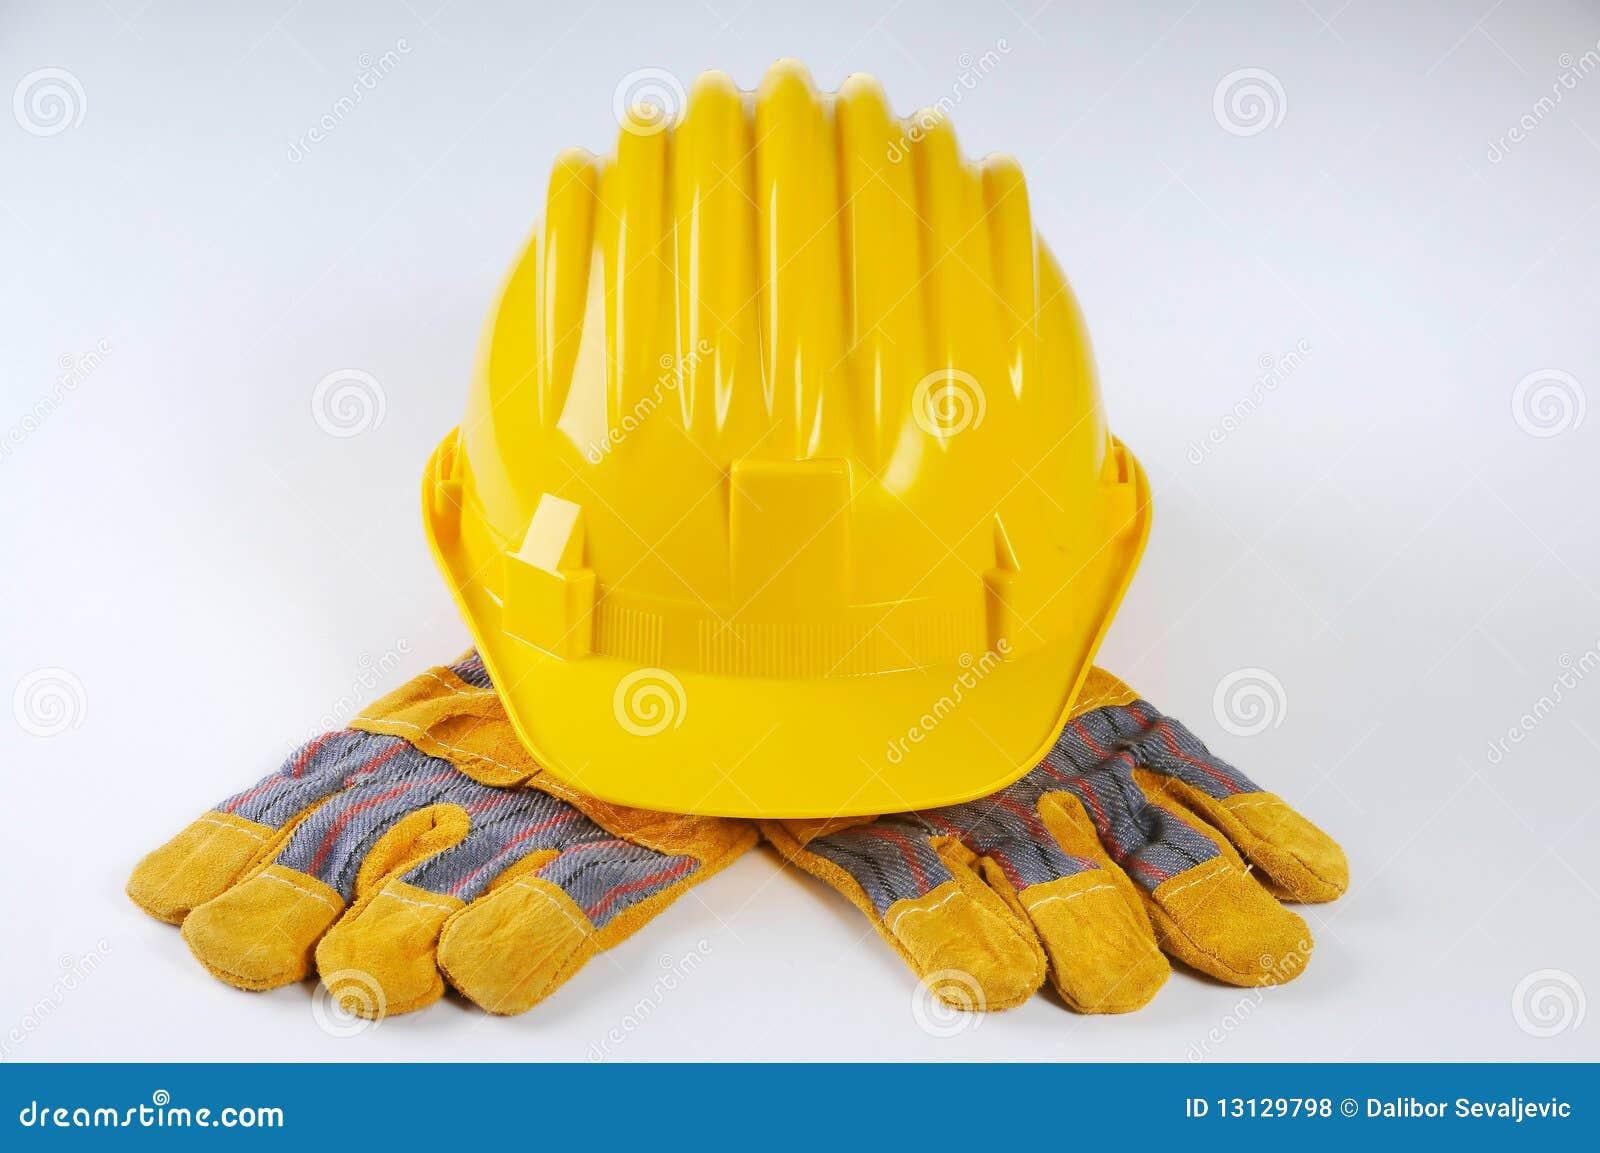 手套安全帽工作黄色